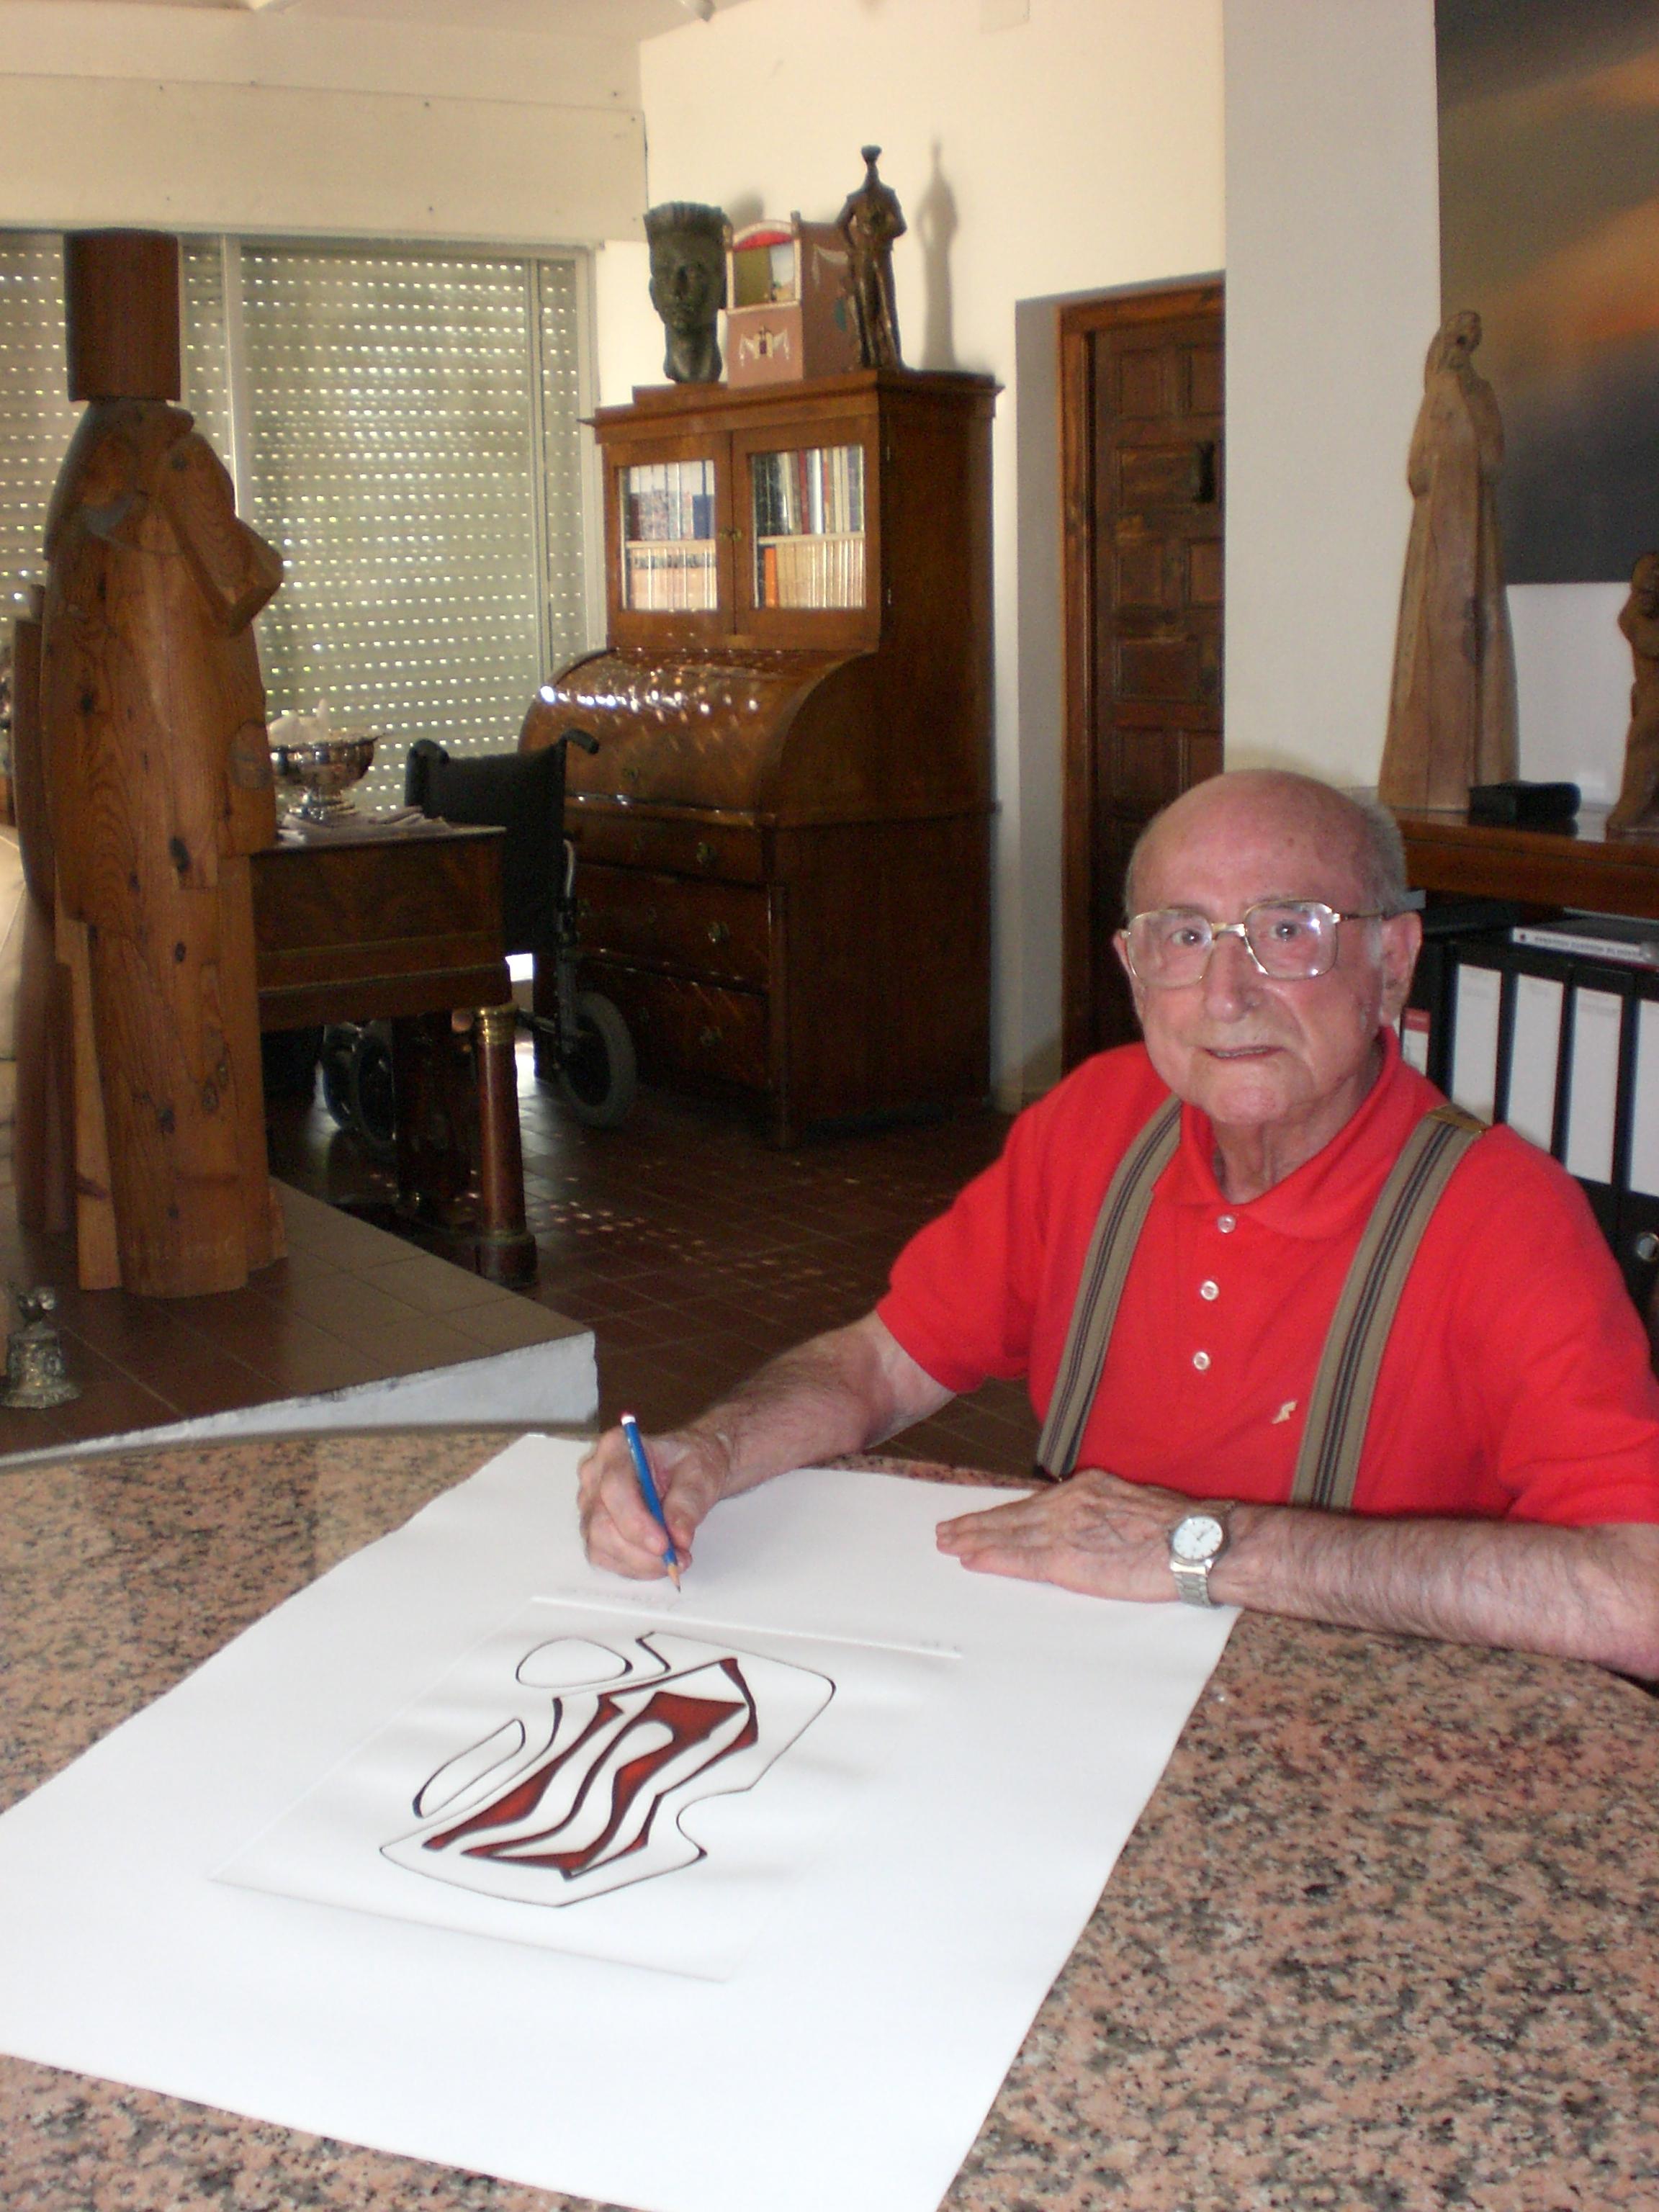 """2007. JHC firmando las series de grabados """"Dibujos Abstractos"""", Molino de la Hoz, agosto 2007"""